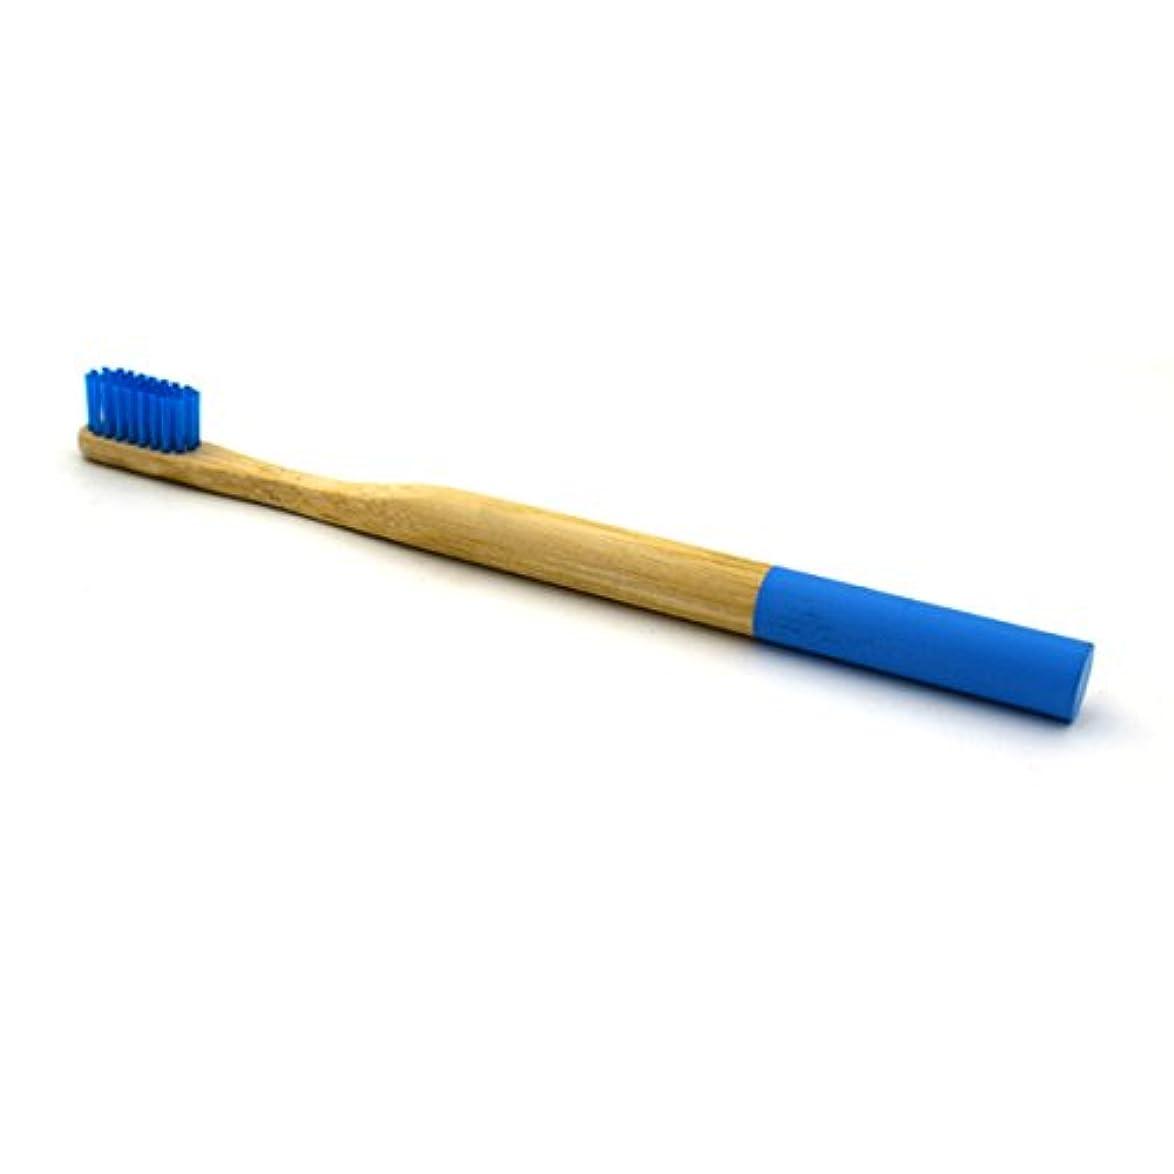 経験赤ちゃん破滅的なHEALLILY竹製の歯ブラシ天然木炭竹製の歯ブラシ大人用柔らかい剛毛の歯ブラシ(ブルー)